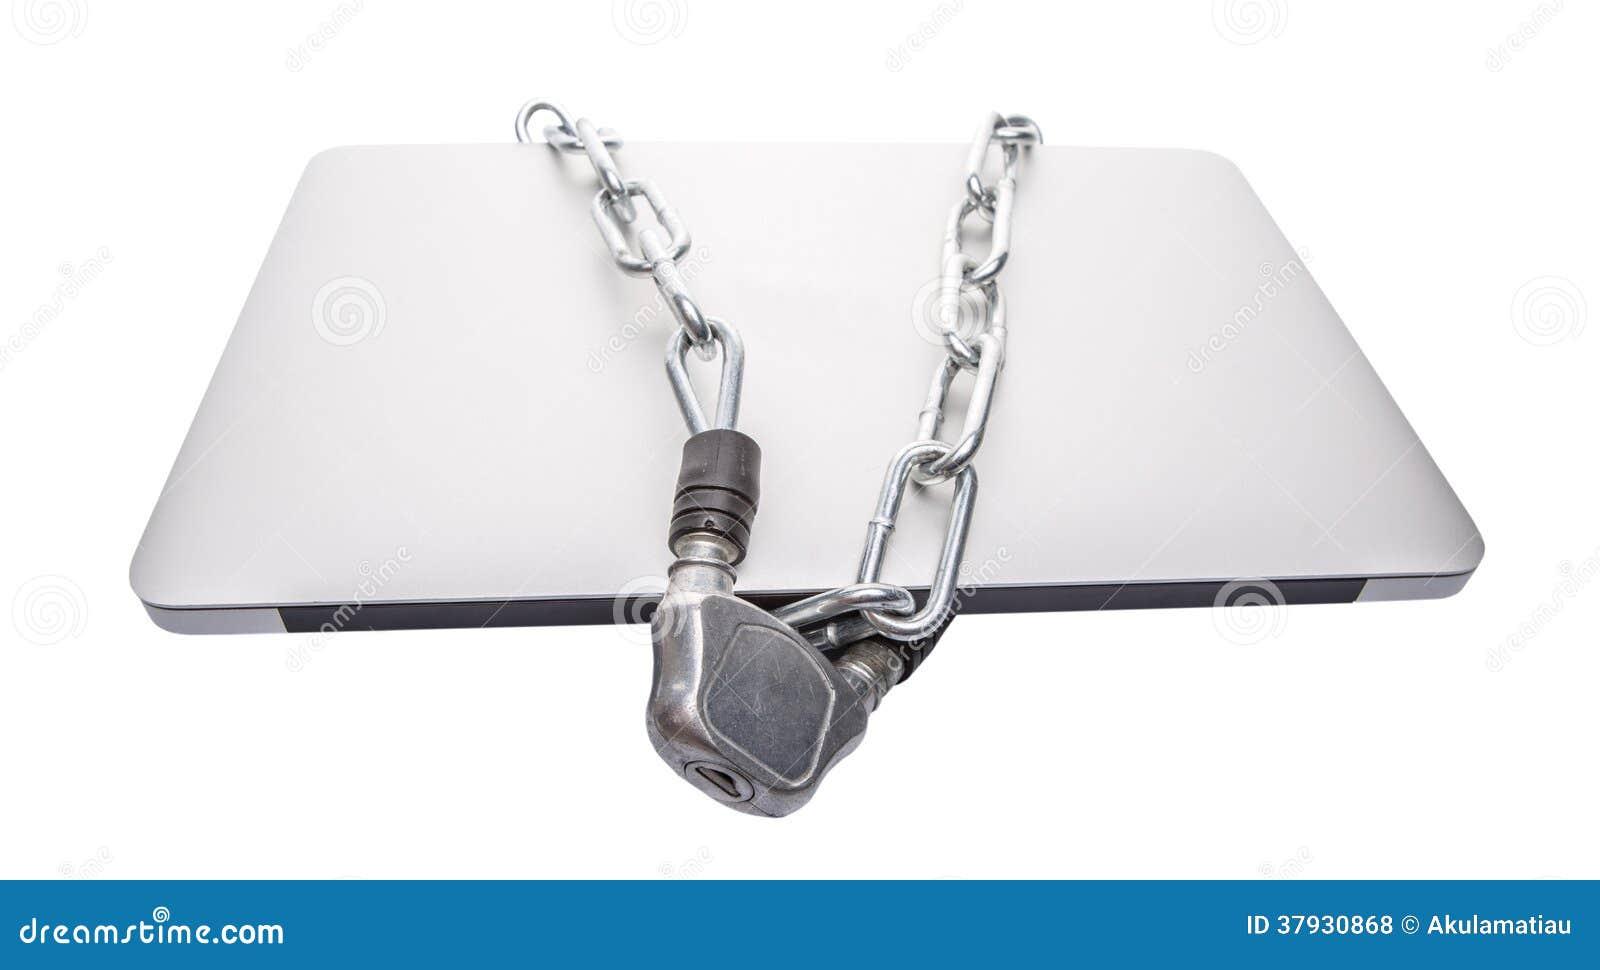 Ordenador portátil y cadenas VII